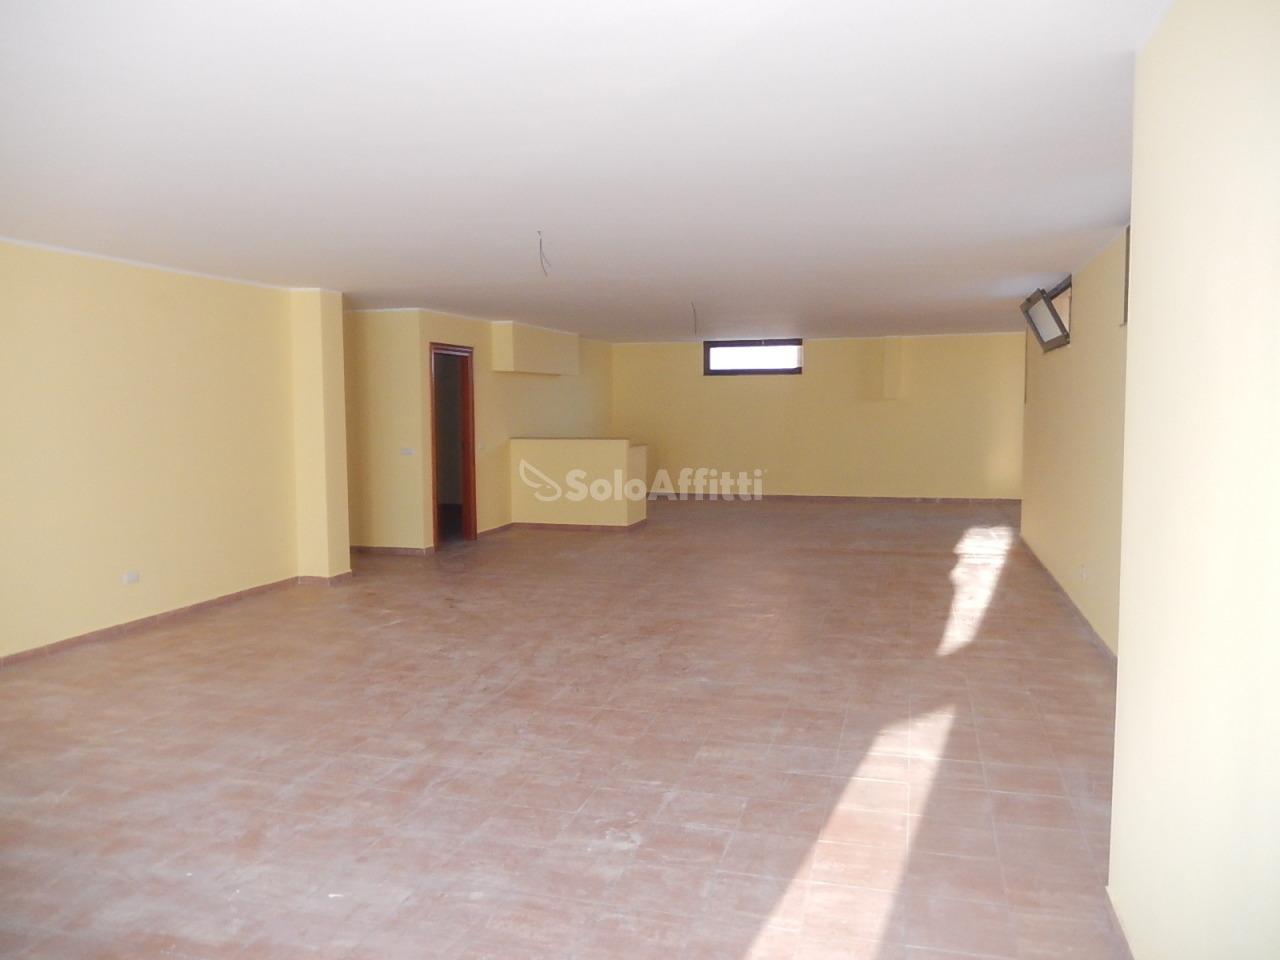 Magazzino in affitto - 140 mq